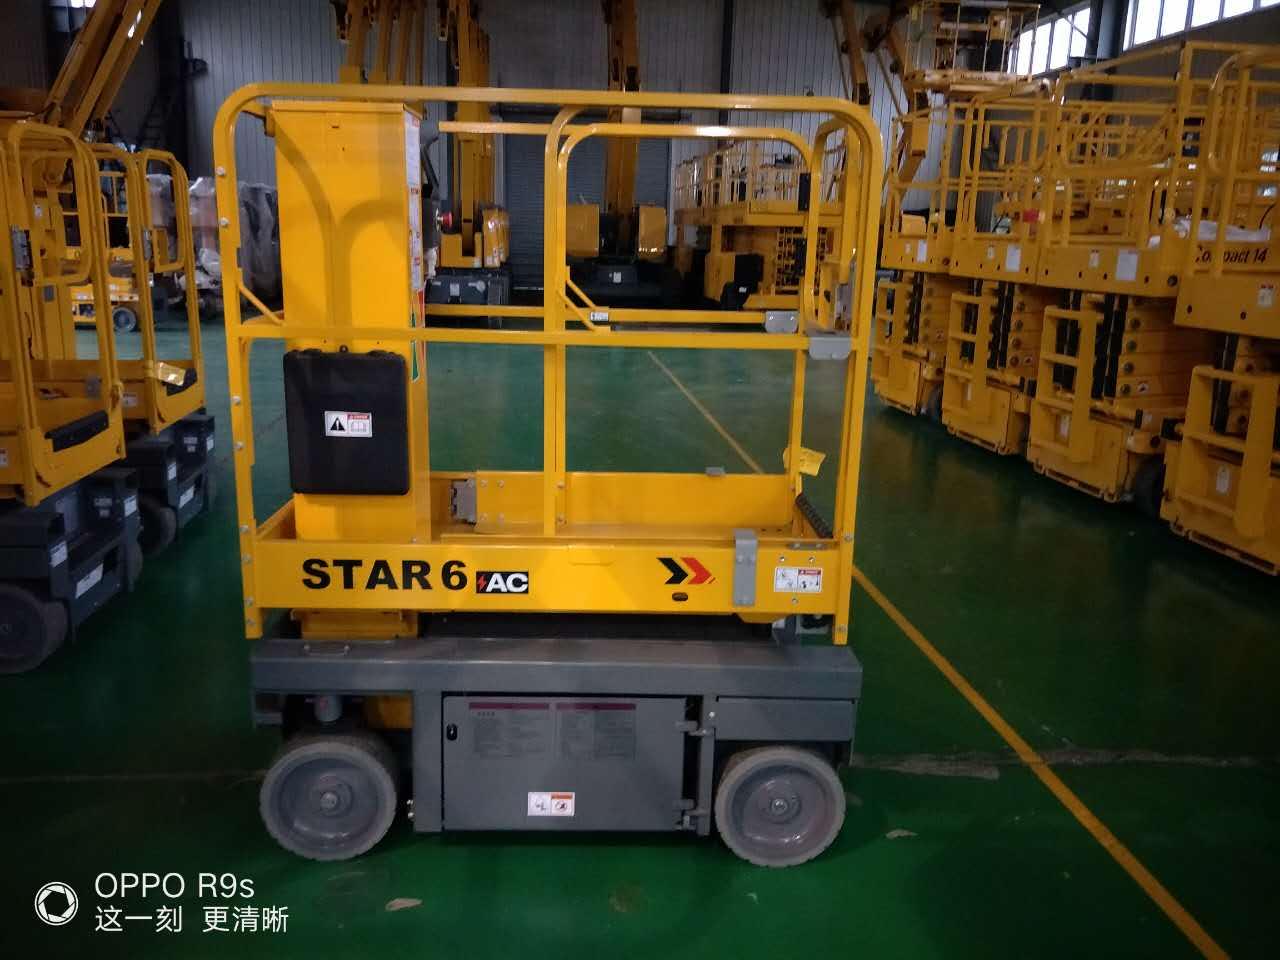 垂直桅杆式高空作业车STAR6